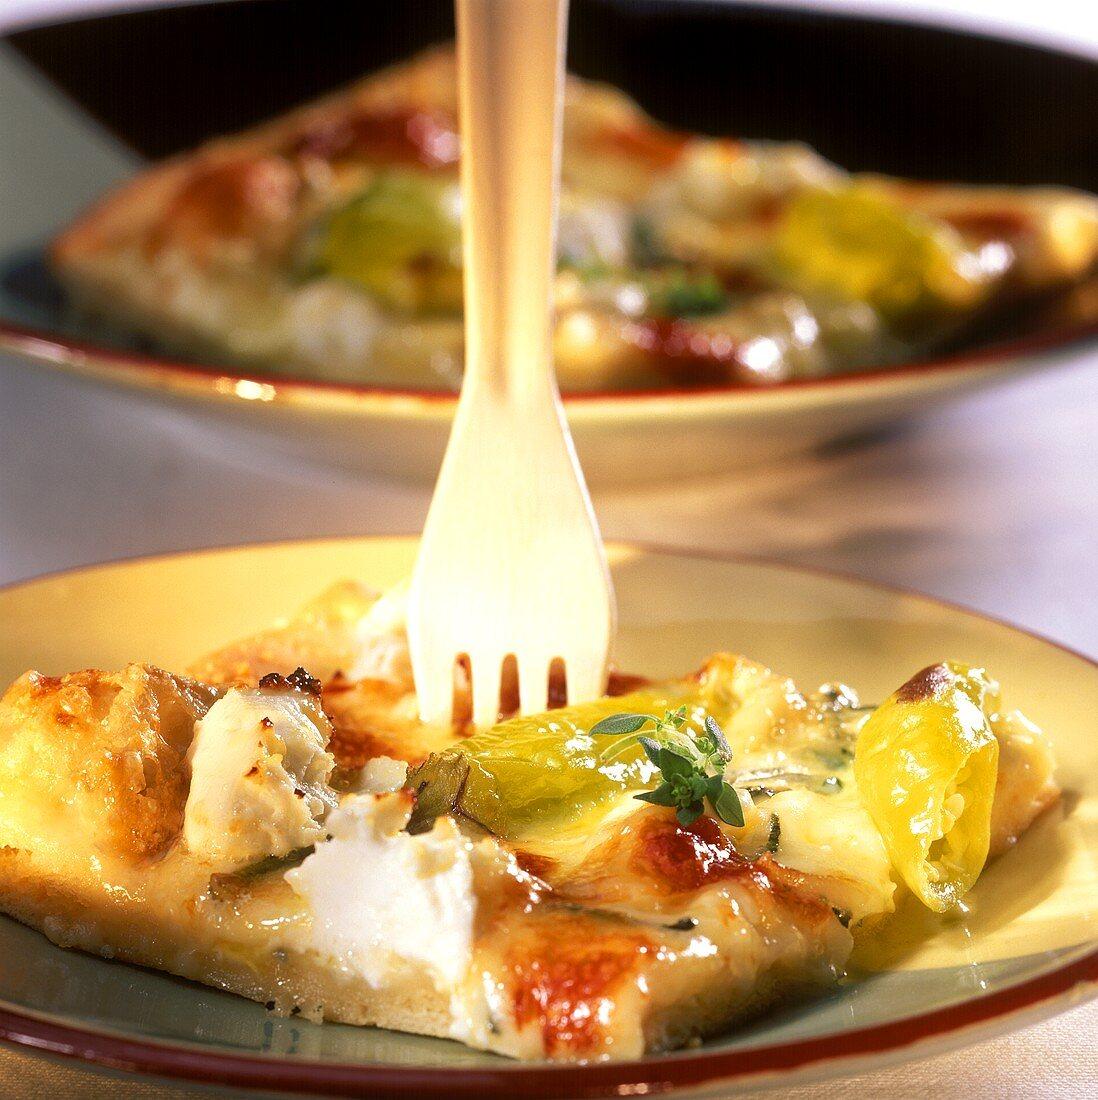 Pizza ai quattro formaggi (pizza with different cheeses)